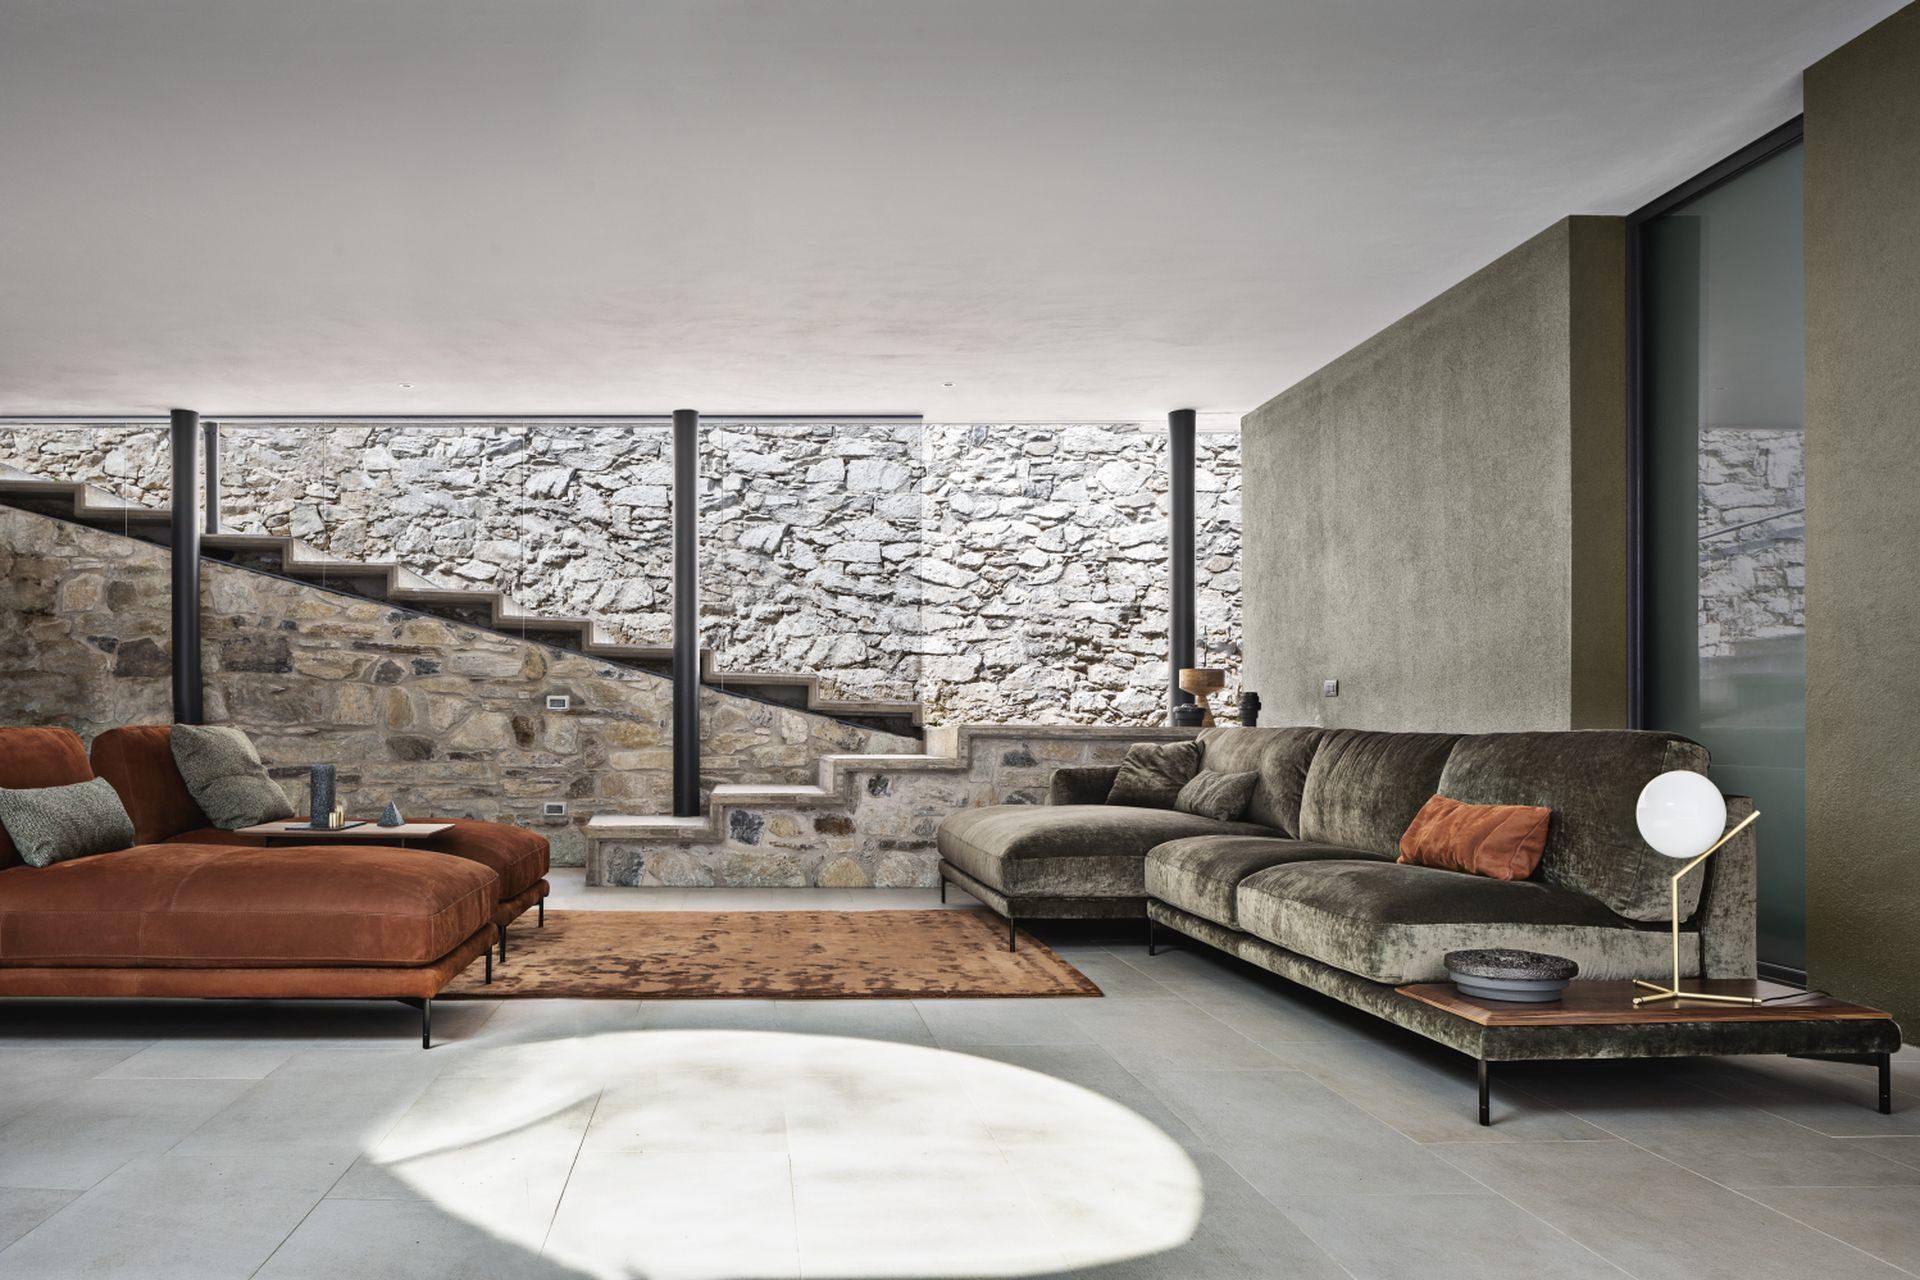 Італійські дивани NICOLINE з м'яким ефектом шику та відчуттям теплого затишку